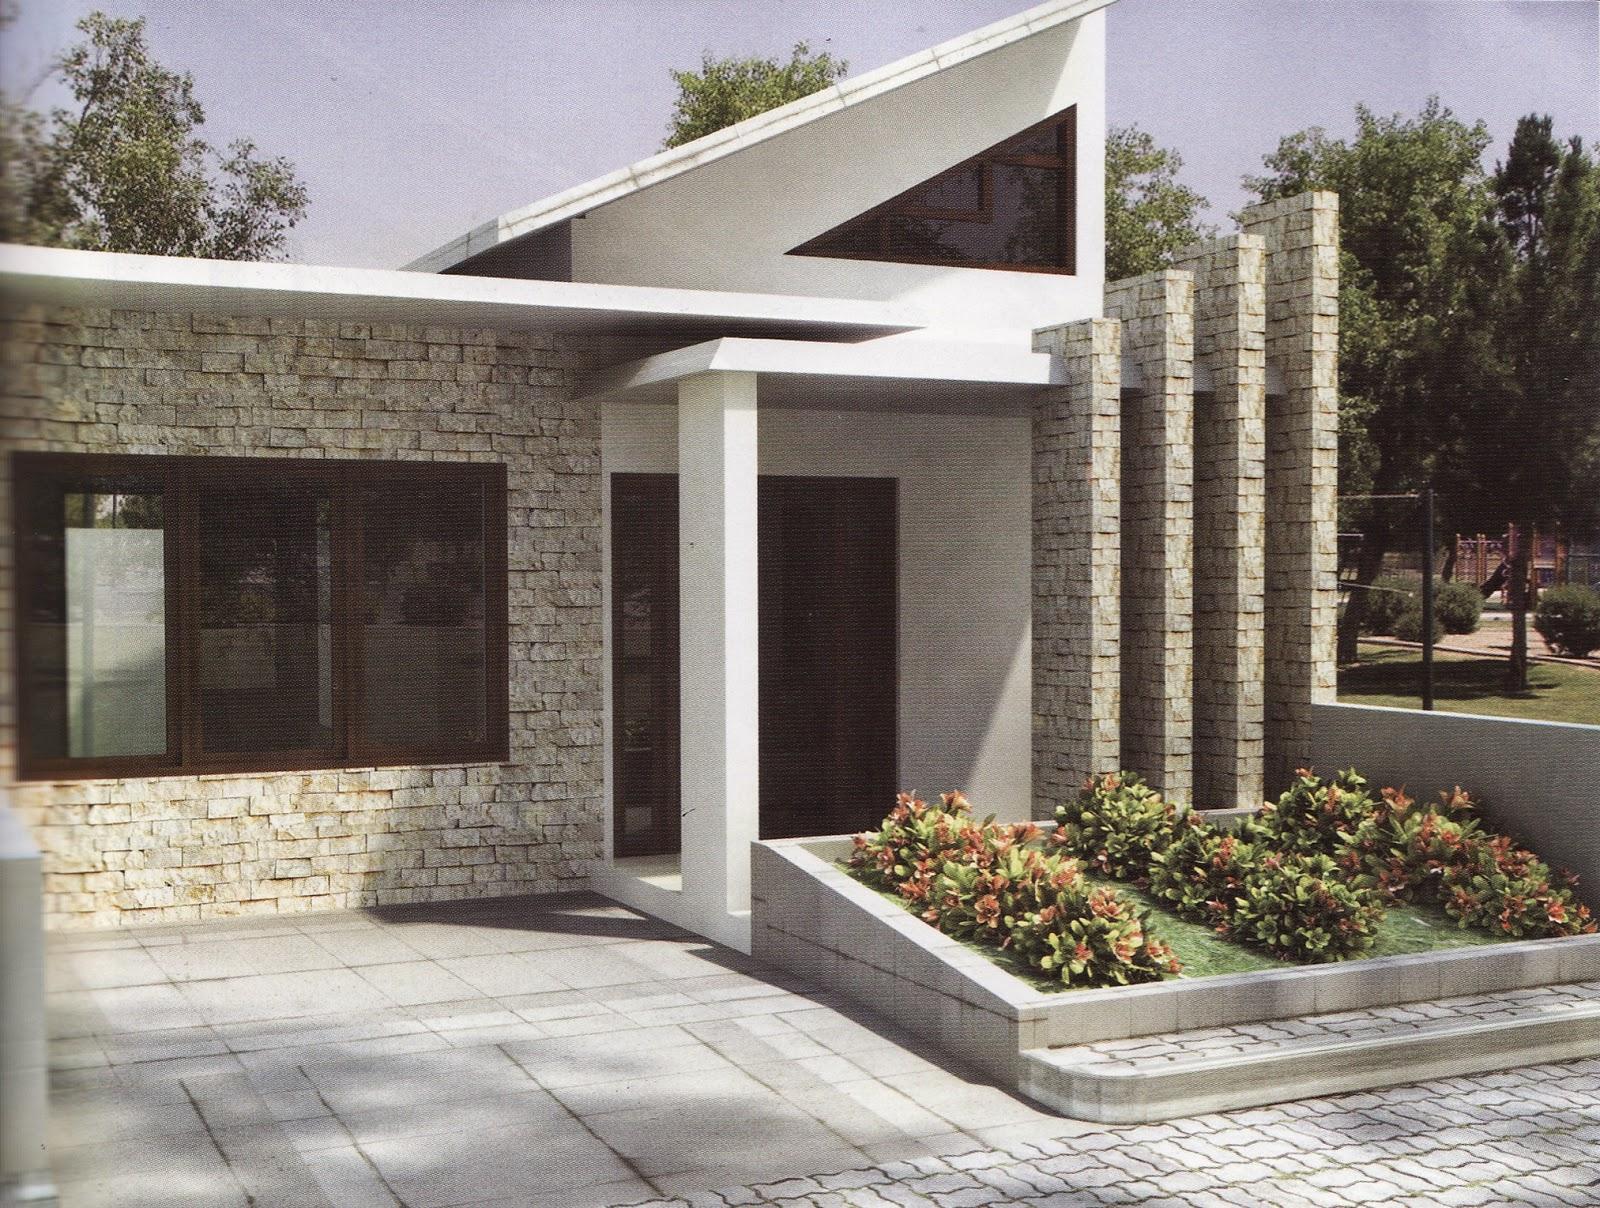 desain rumah minimalis arsitektur jepang | desain rumah minimalis